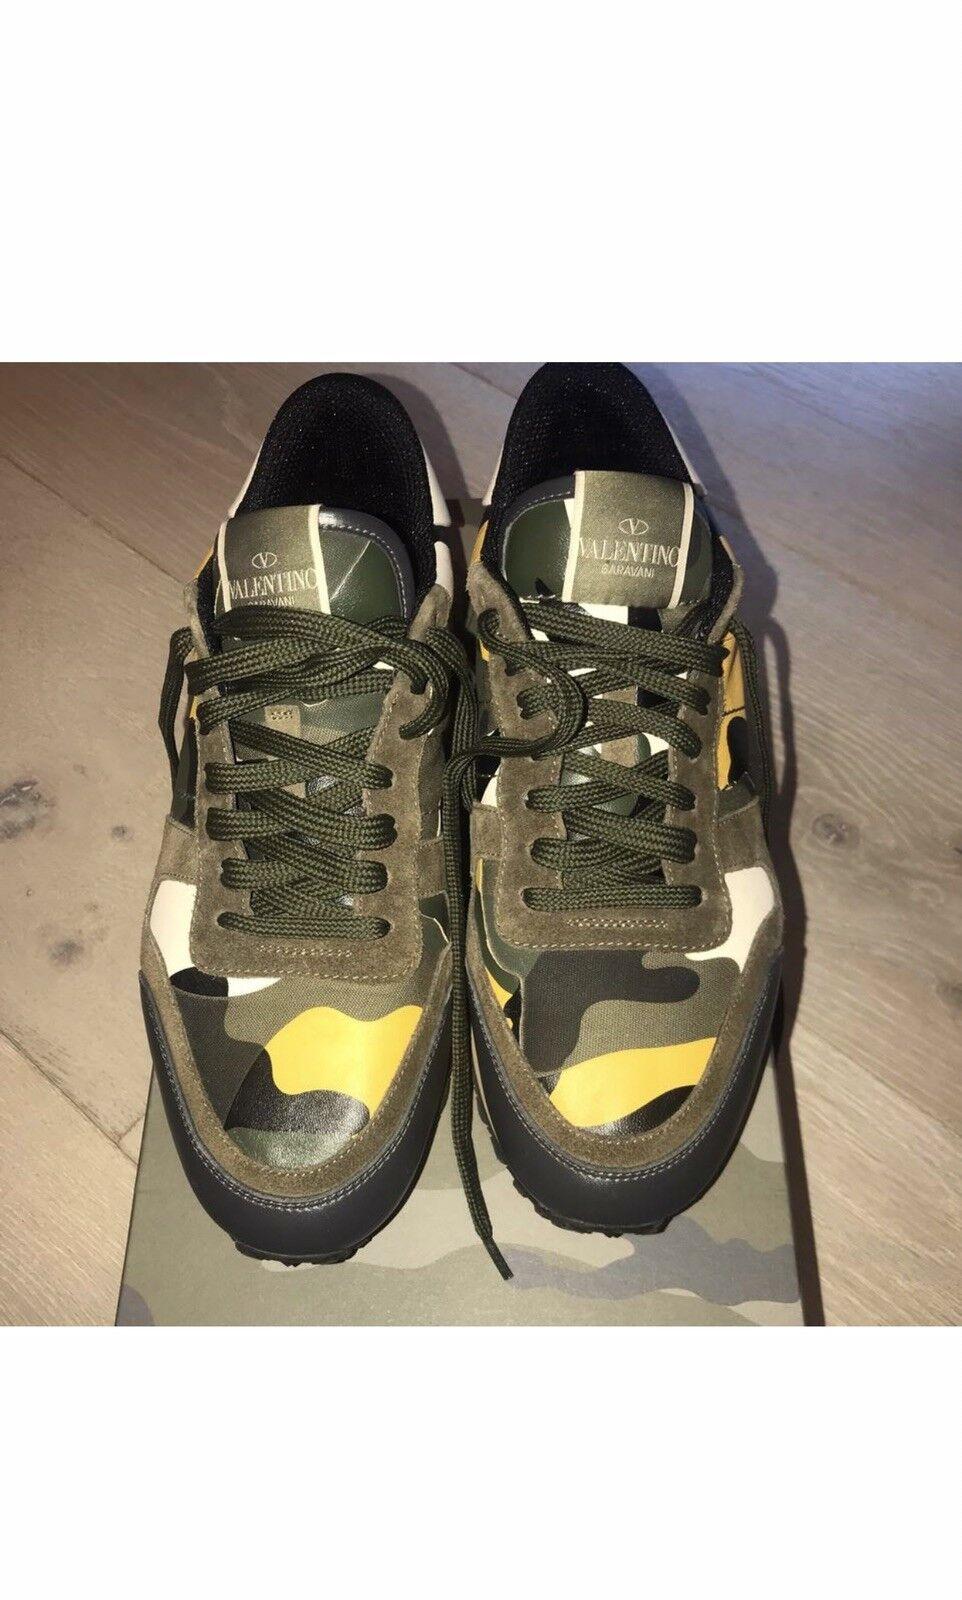 Valentino Garavani Camo Sneakers Mens